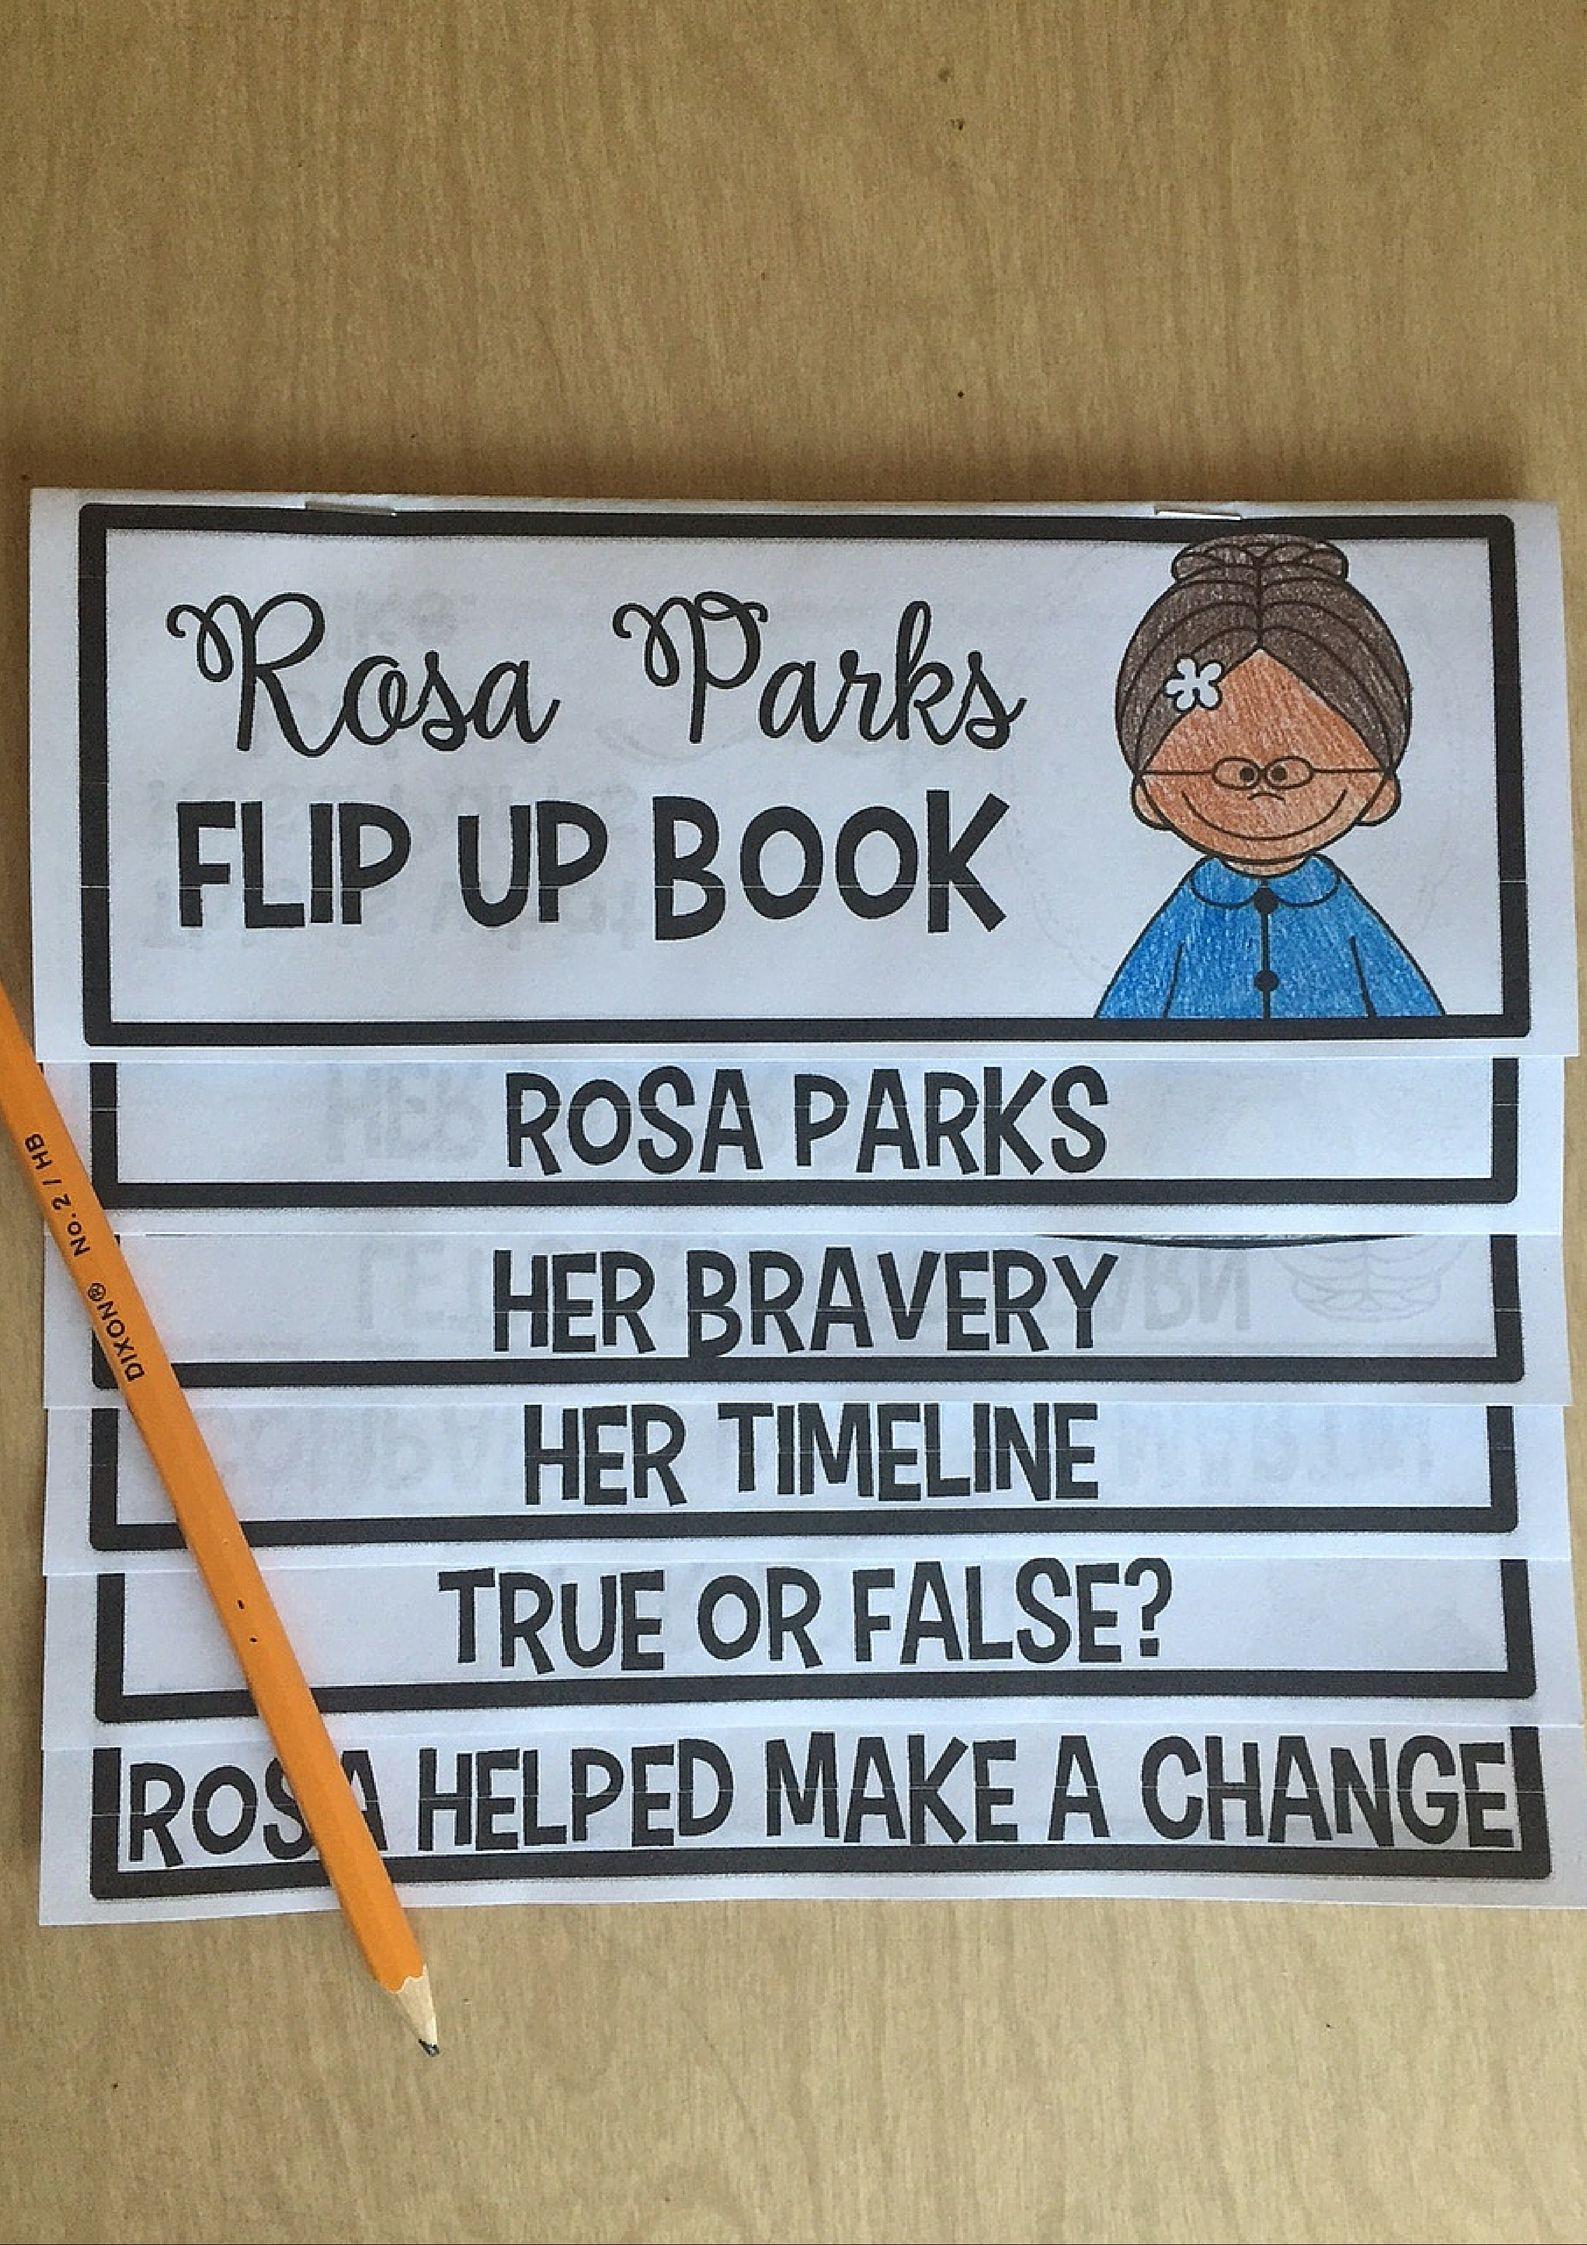 Rosa Parks Flip Up Book